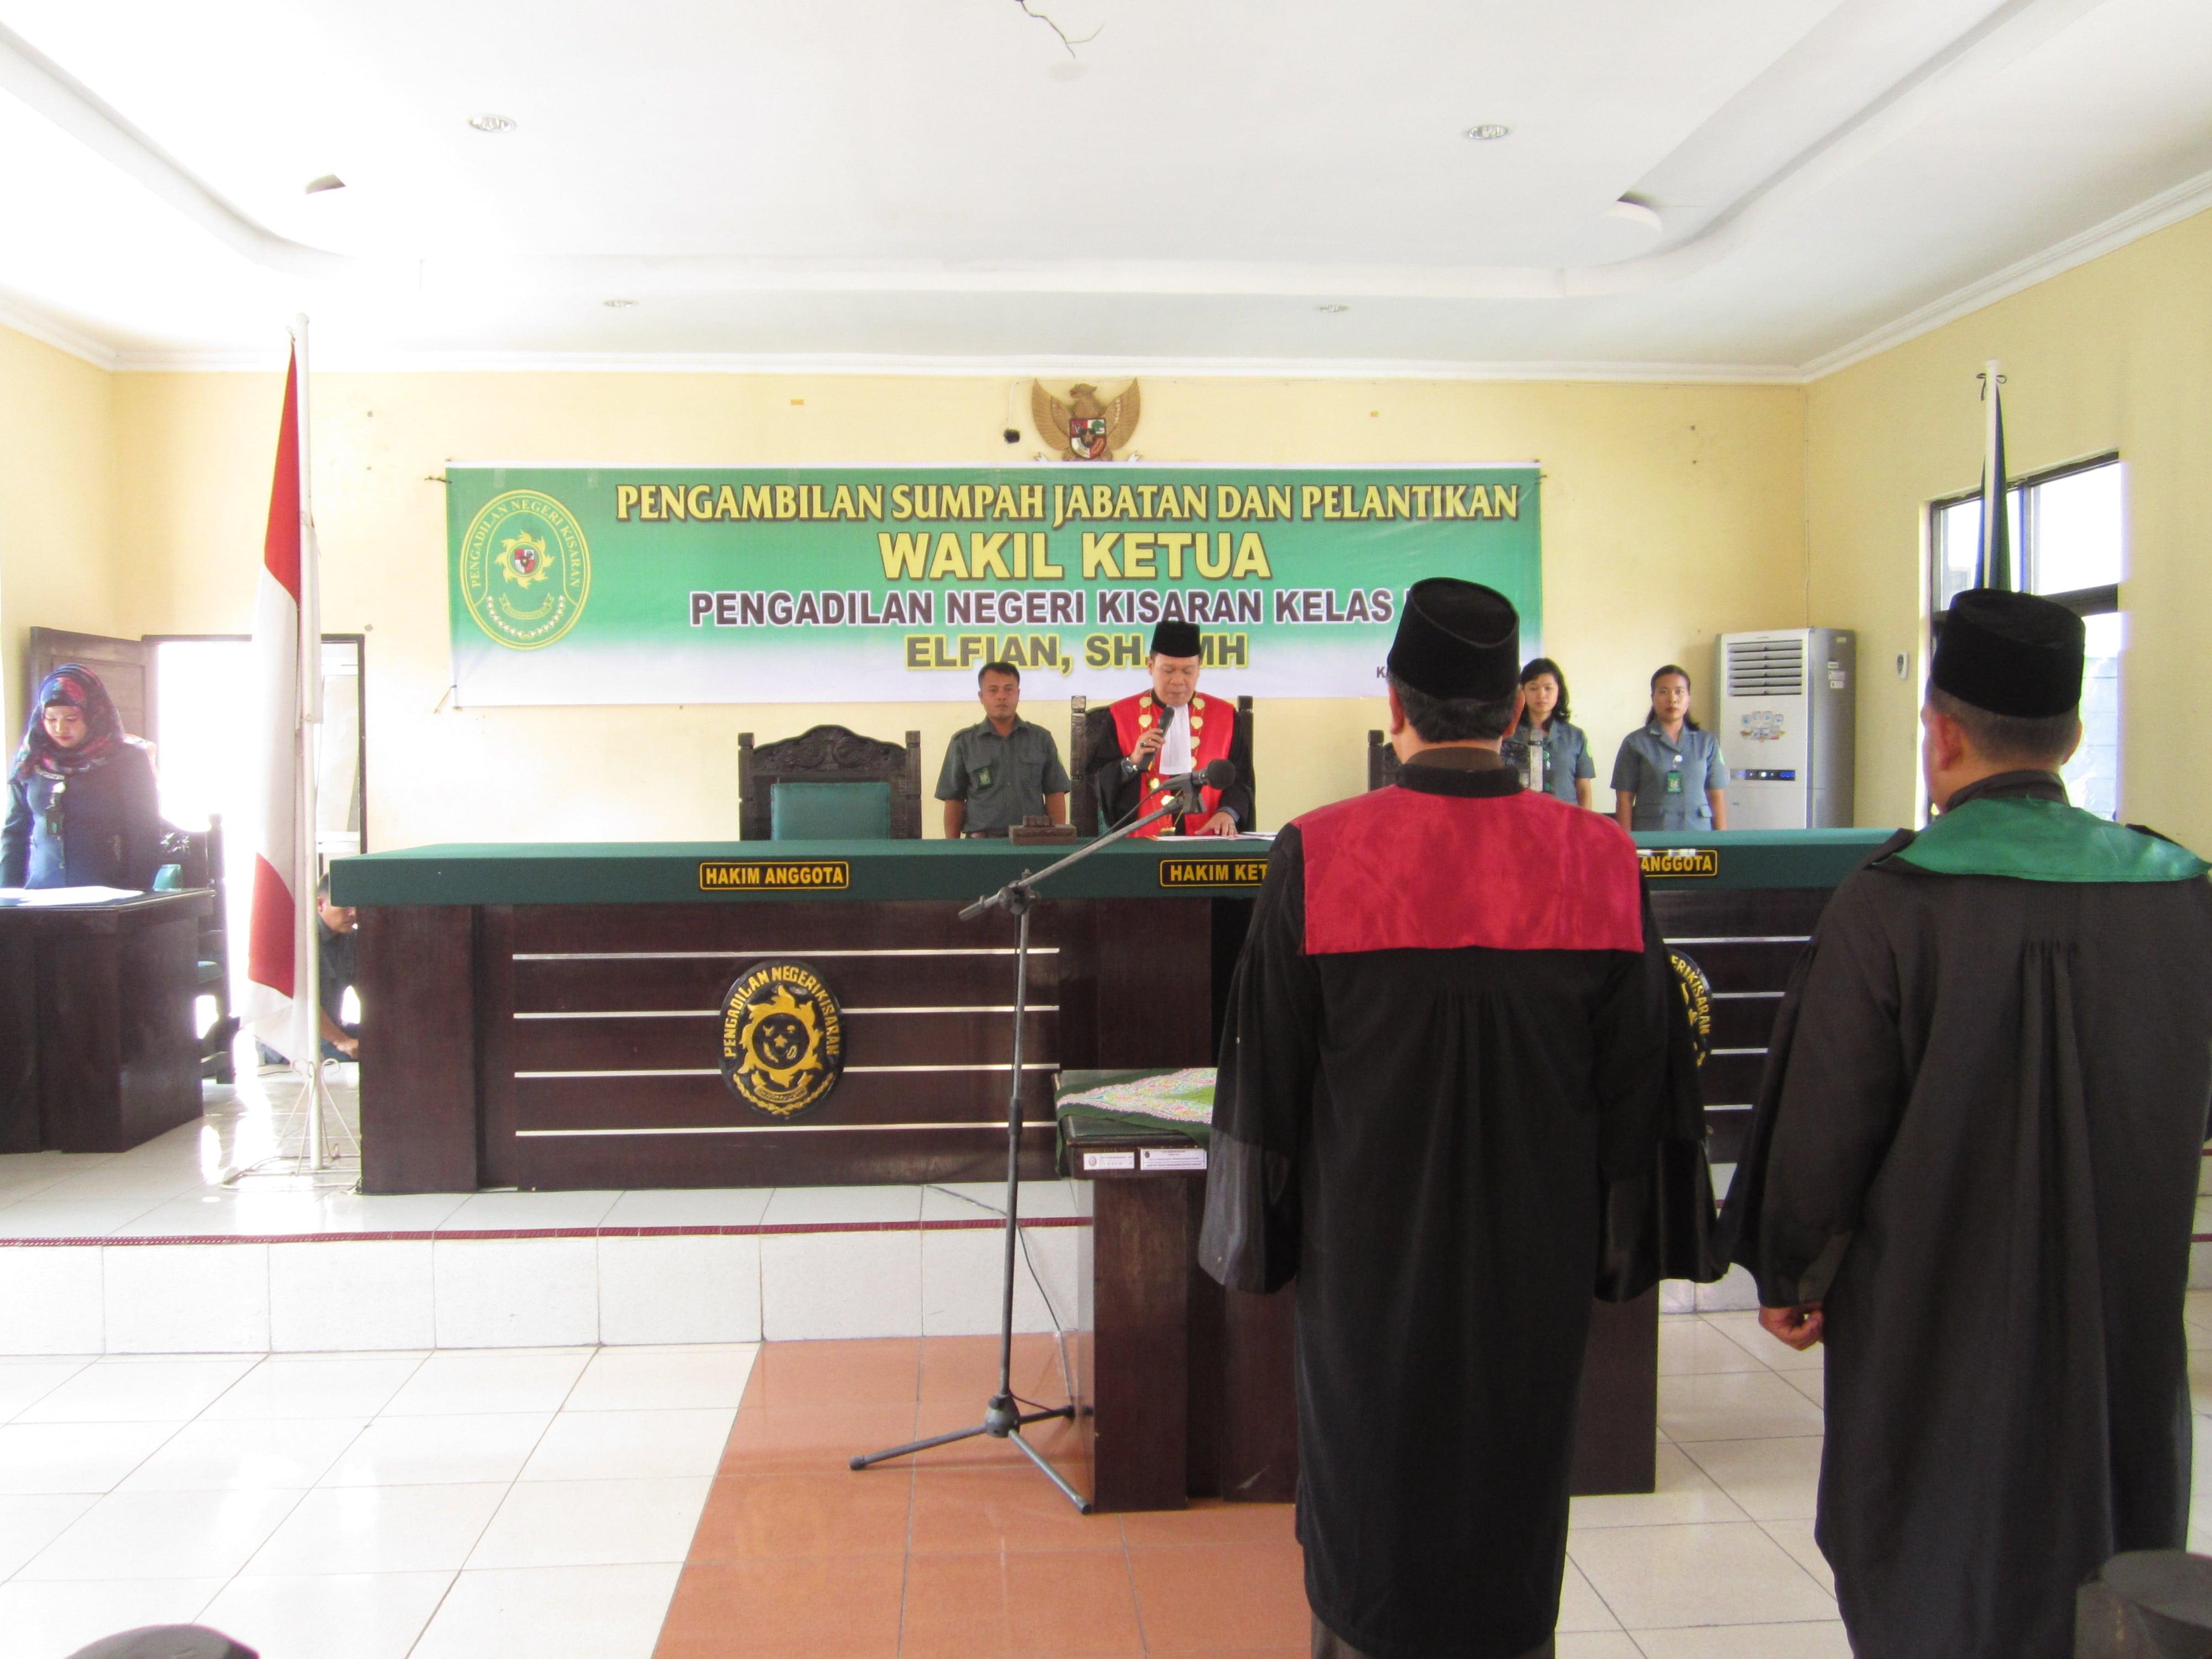 Pengambilan Sumpah Jabatan dan Pelantikan Wakil Ketua Pengadilan Negeri Kisaran Kelas I B